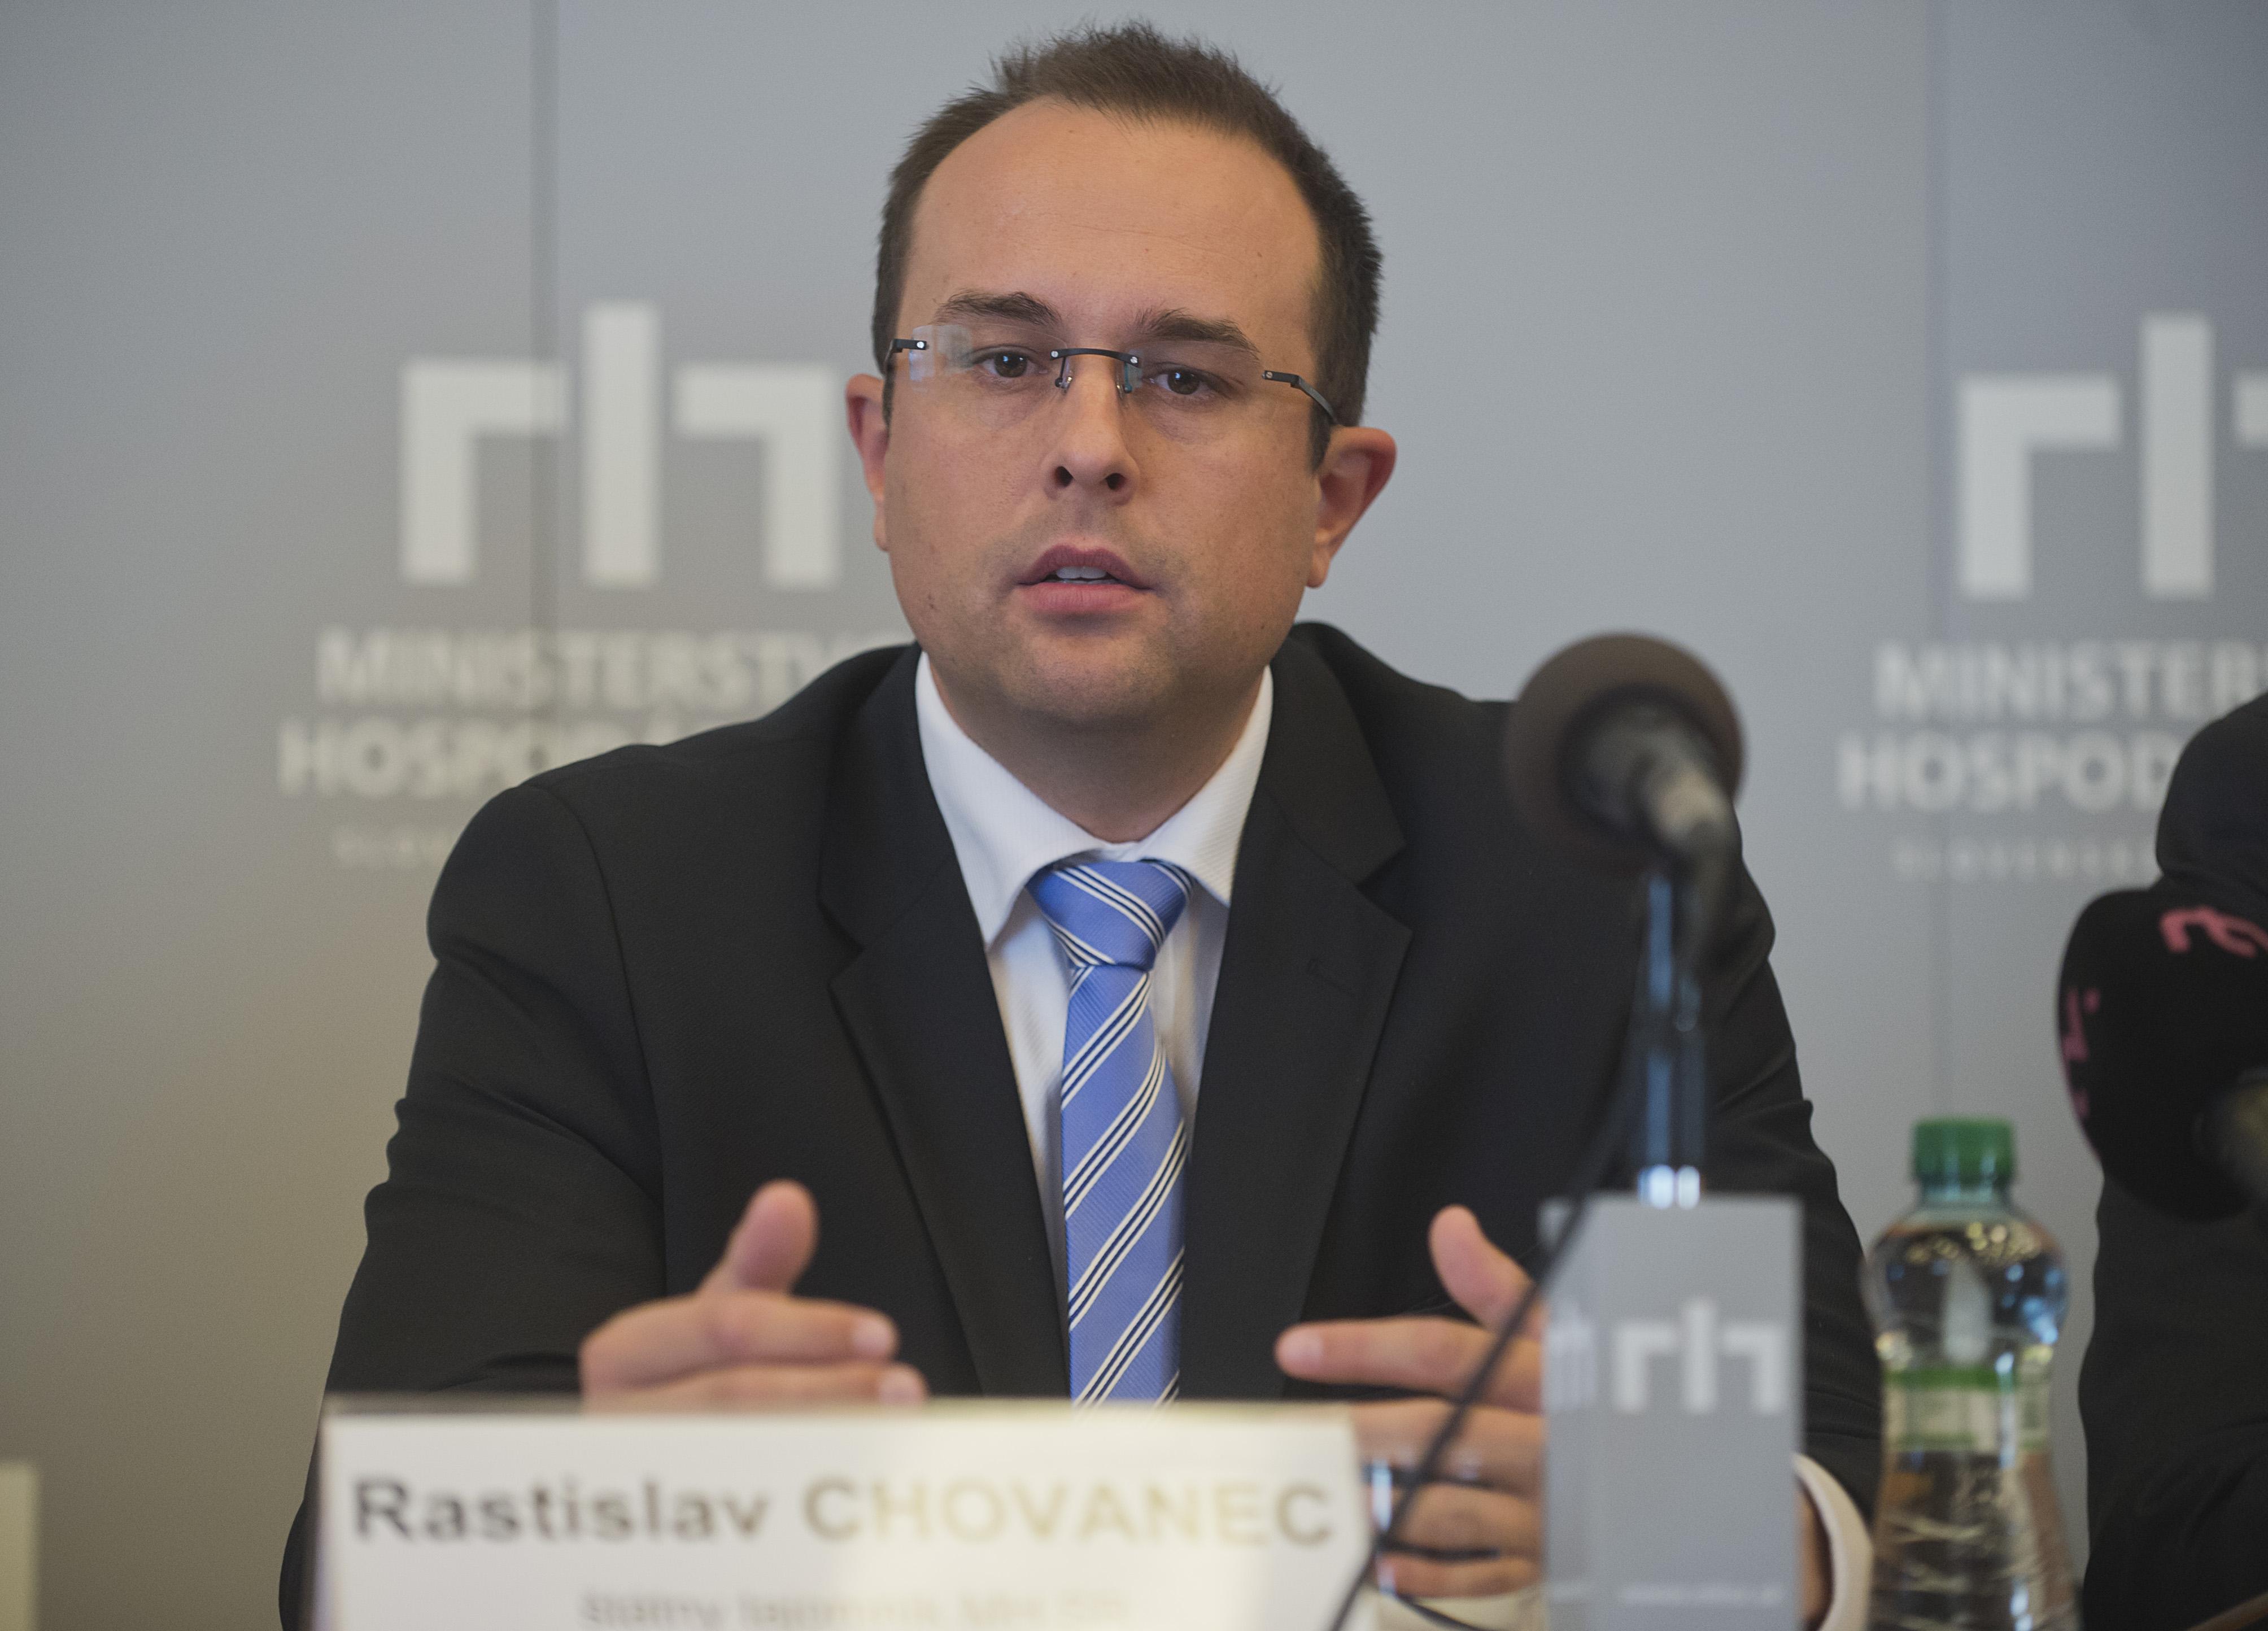 Rastislav Chovanec